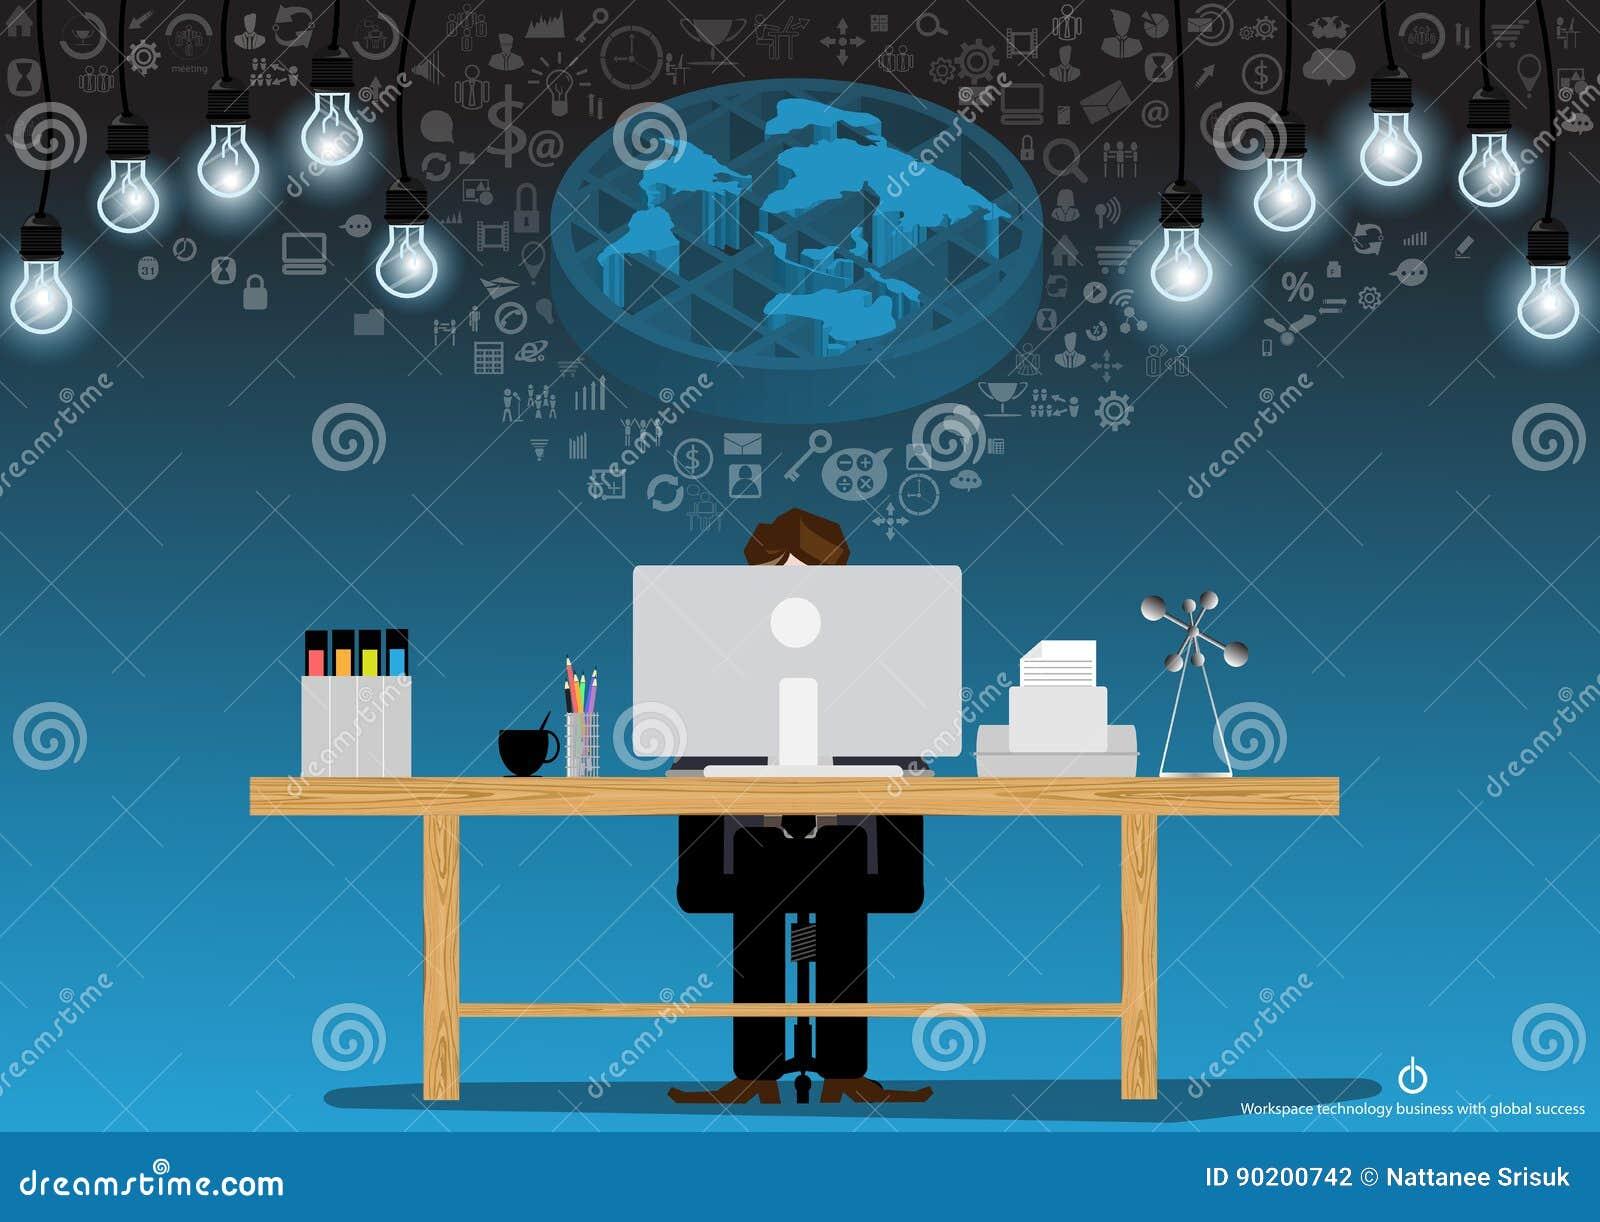 Vector ideias da sessão de reflexão do homem de negócios para usar a tecnologia para comunicar-se com um computador, uma impresso